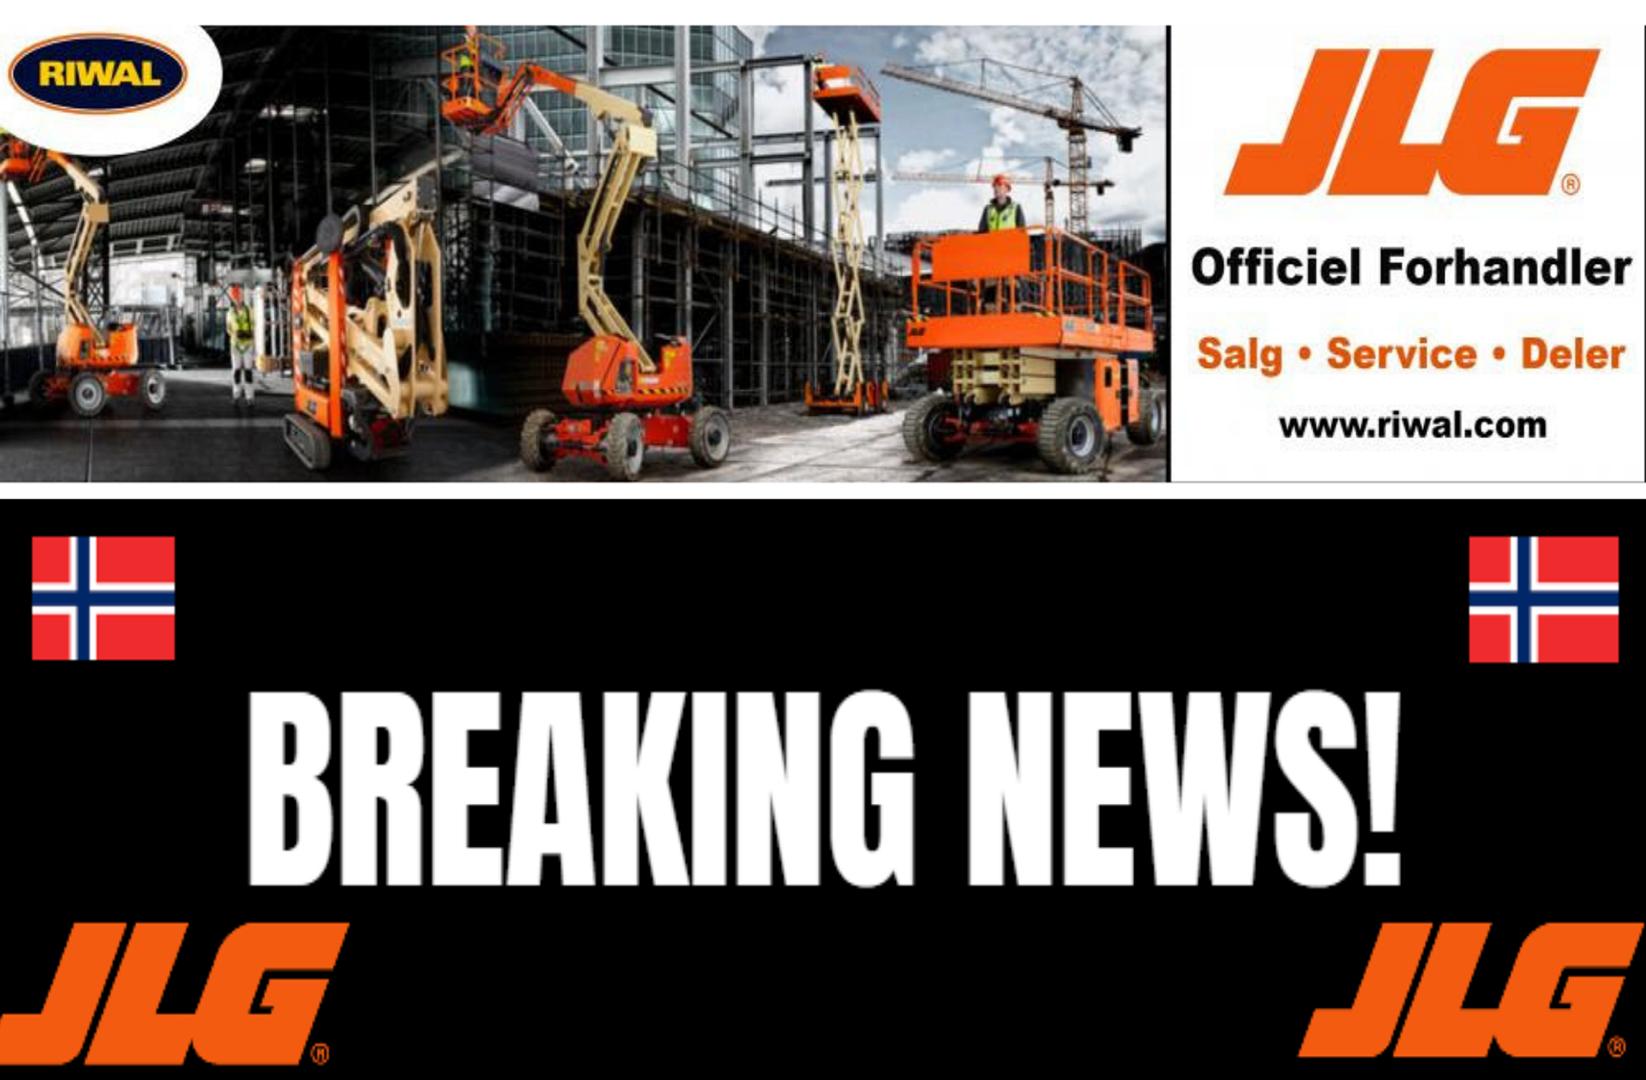 Riwal Norge A/S er officiel forhandler for JLG